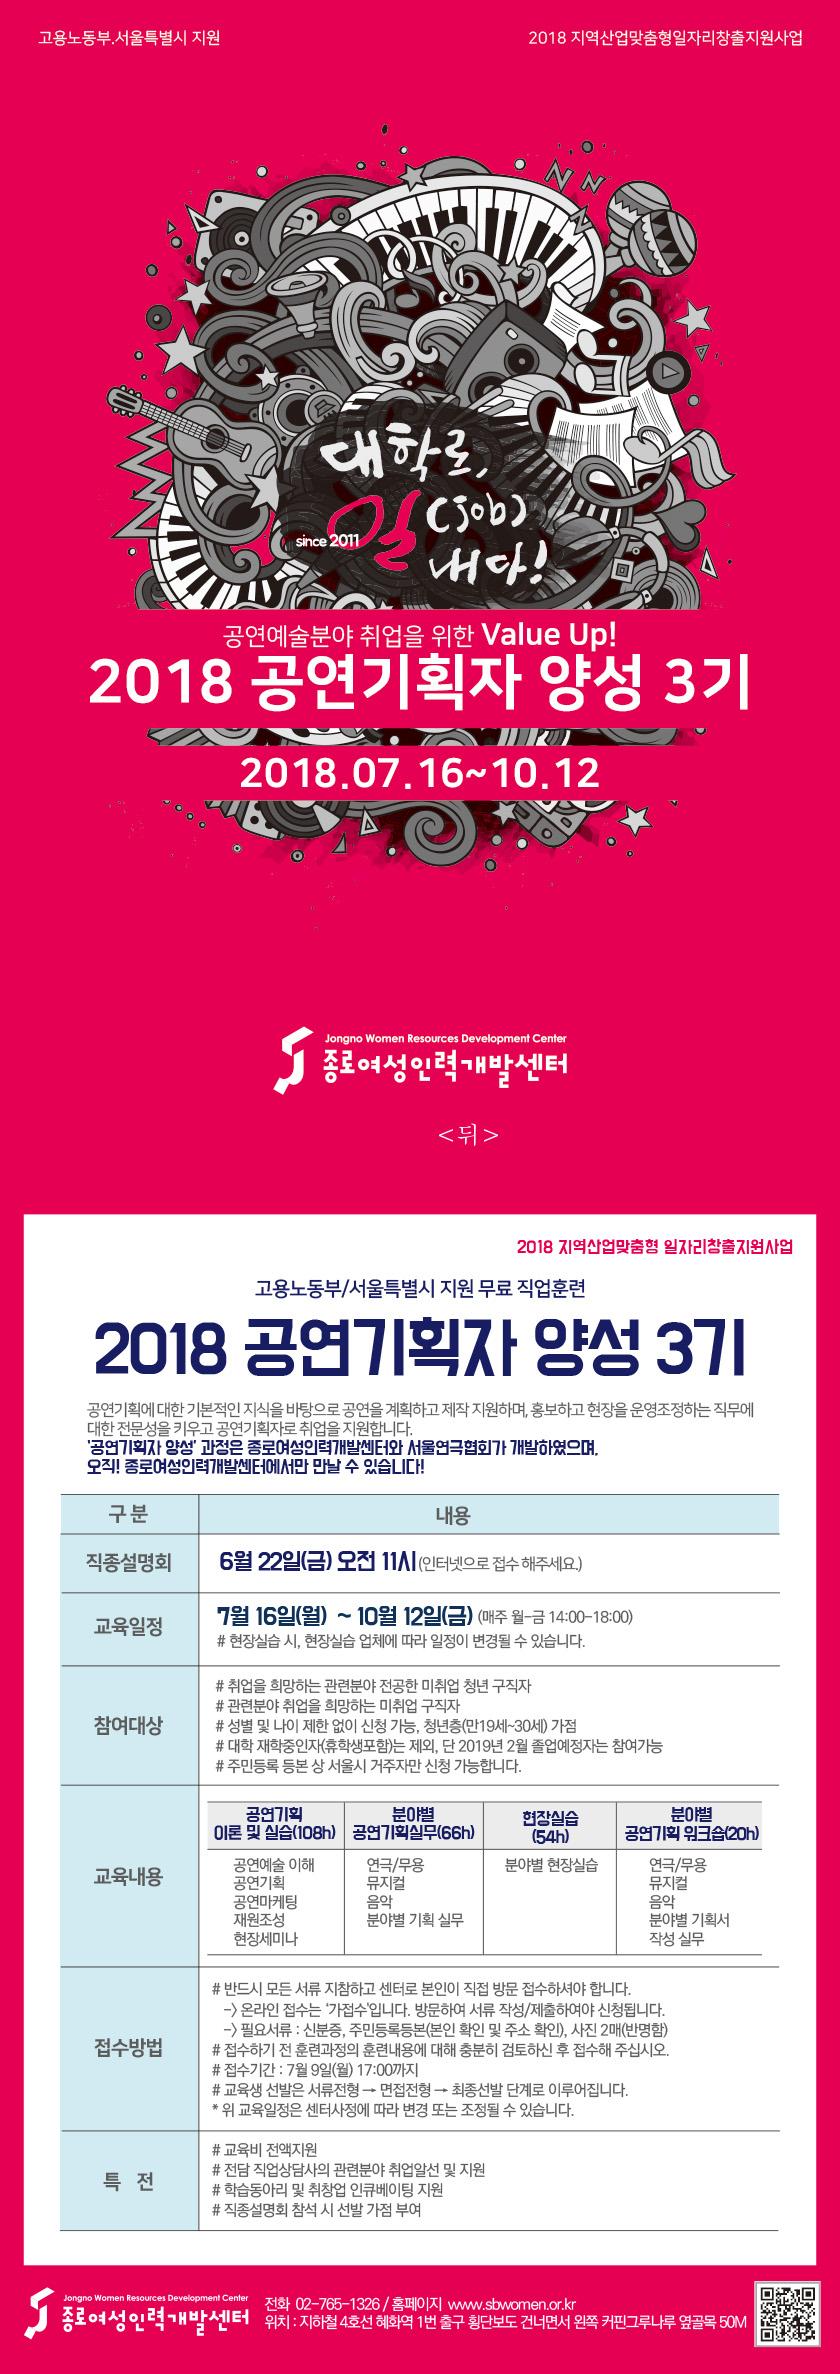 [국비무료]2018 공연기획자 양성 3기 교육생 모집이미지1